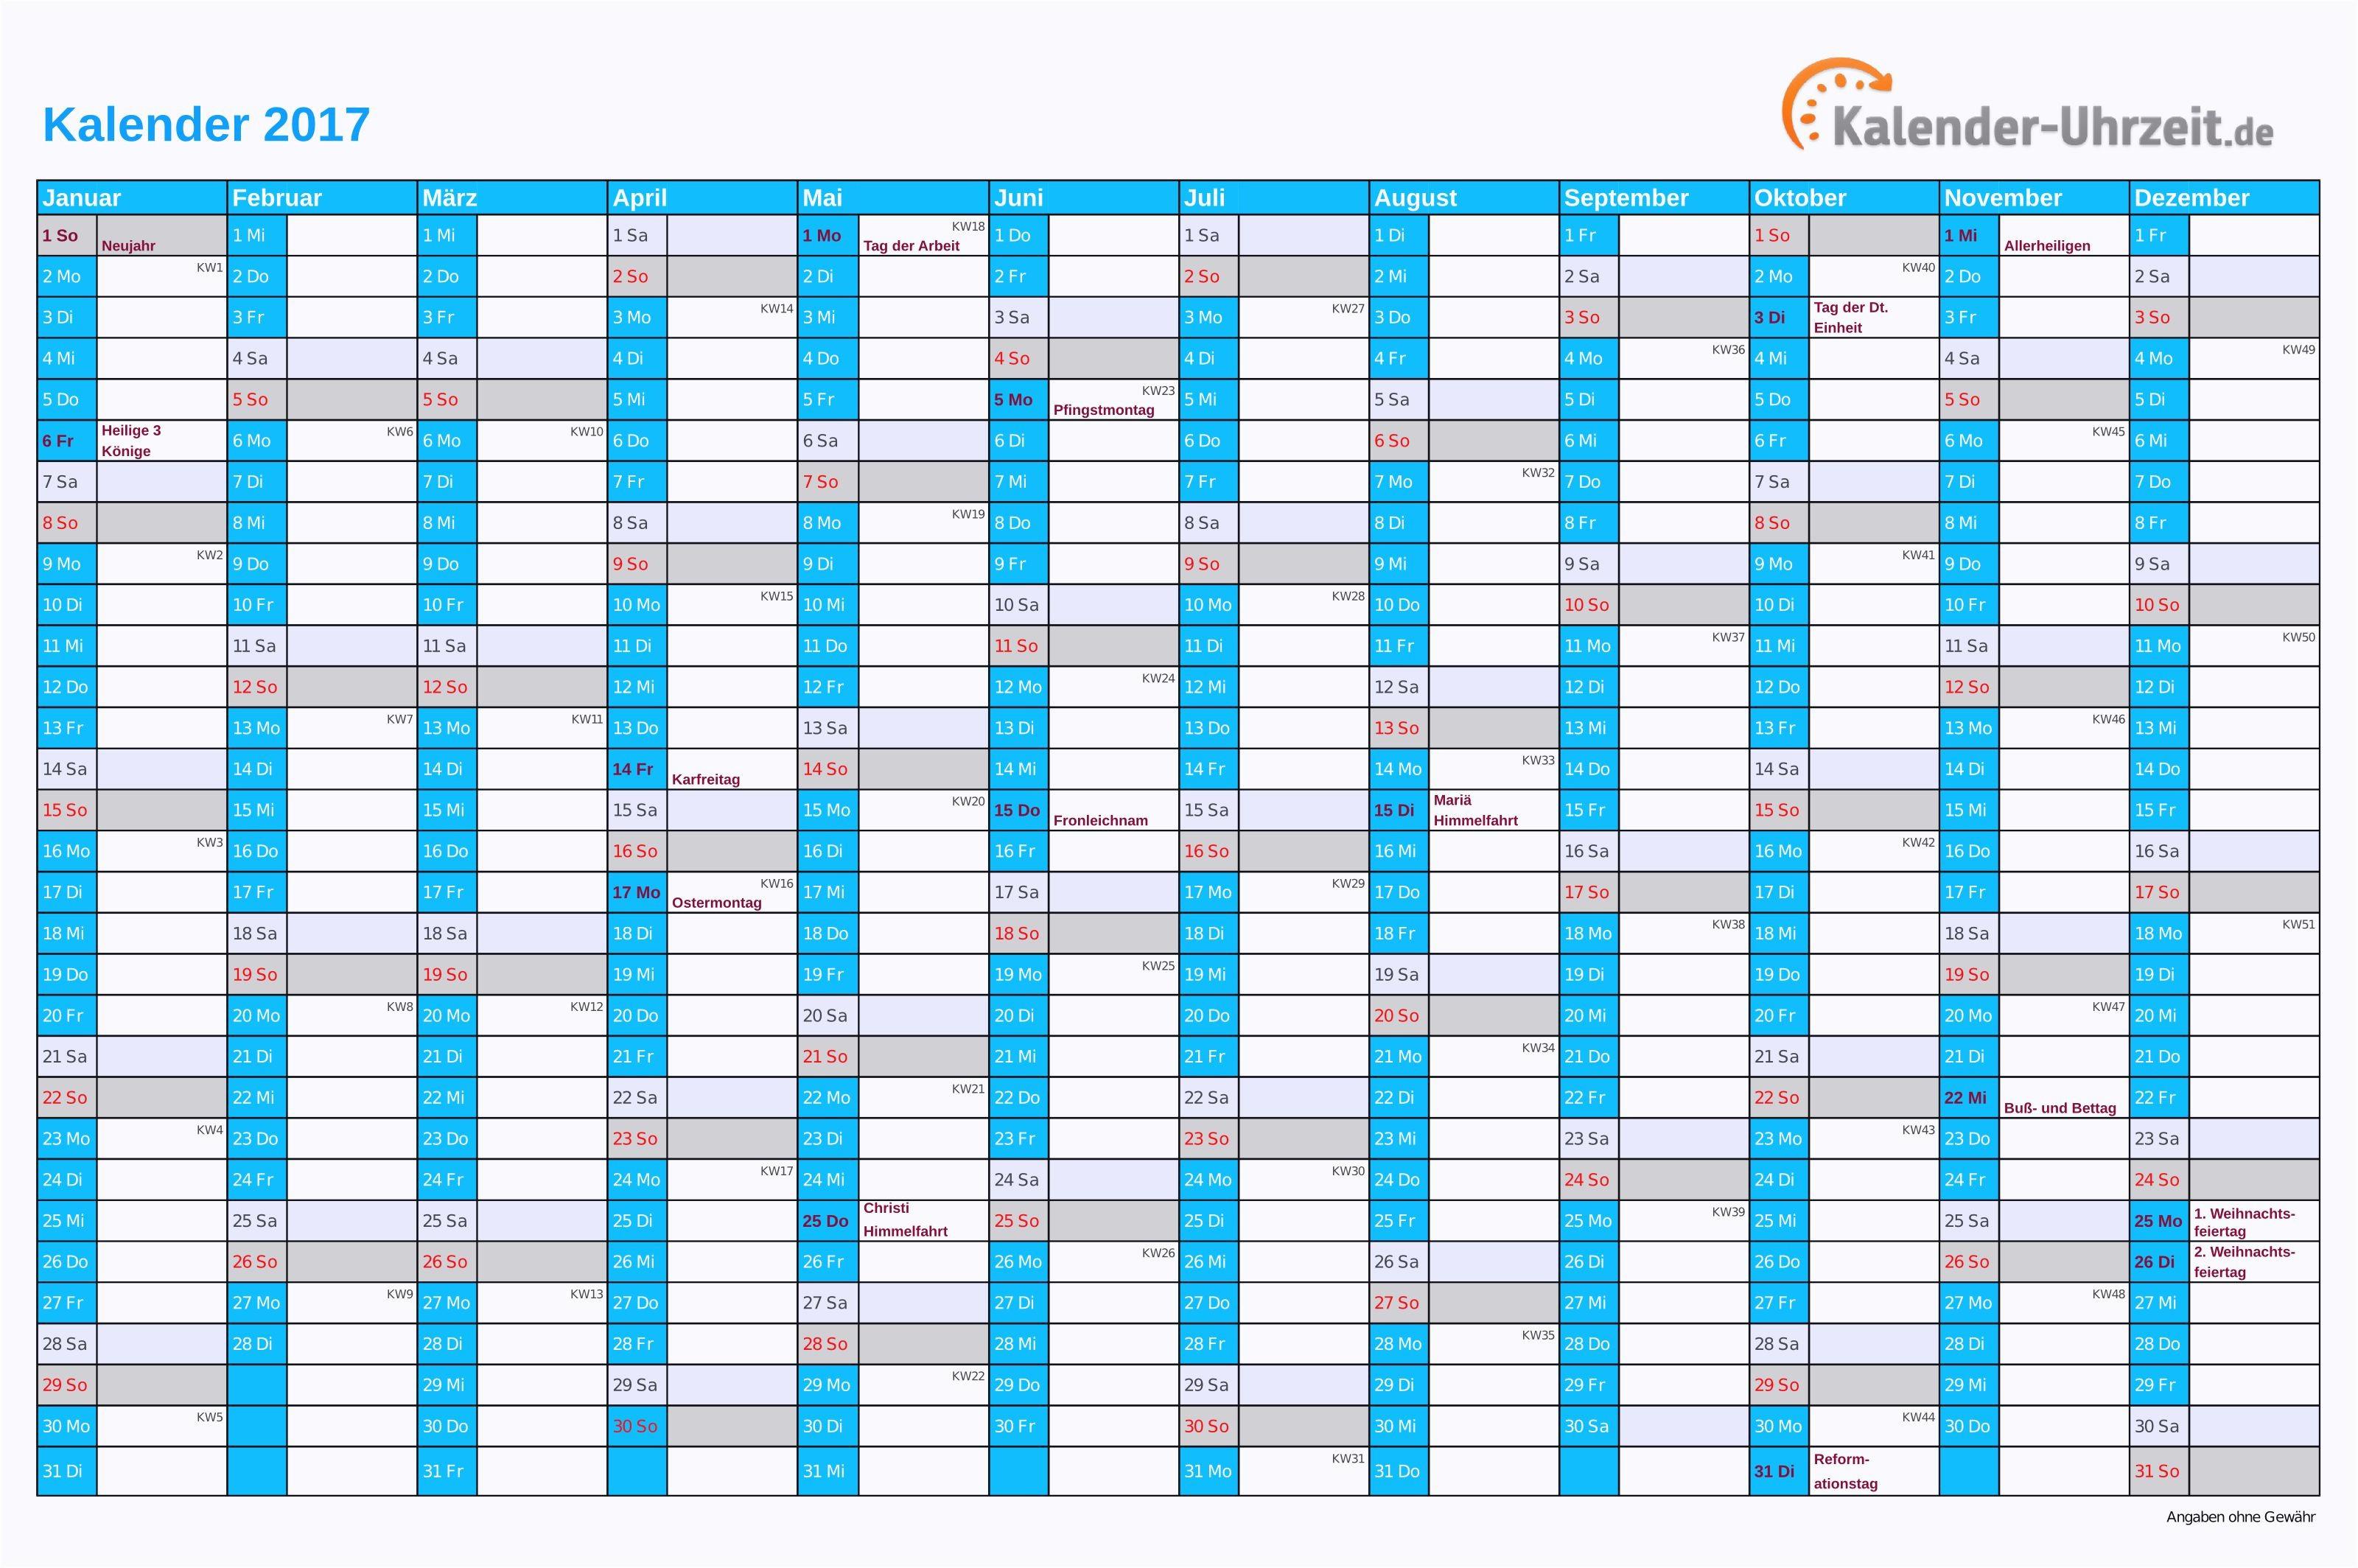 Kalender 2016 Mit Feiertagen Pdf Génial Kalender 2017 Vorlage